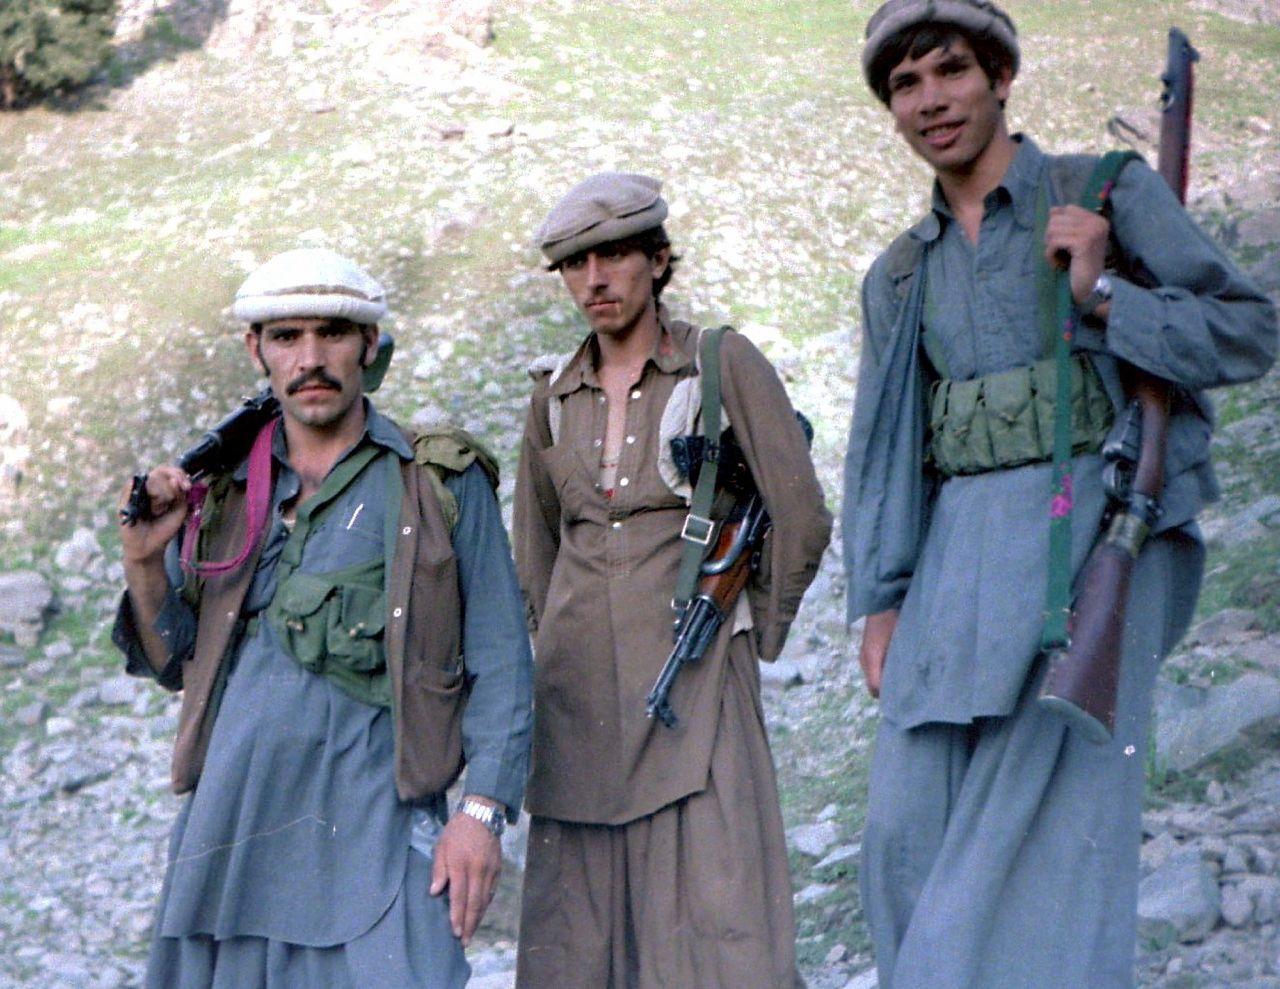 фото р рейгана с моджахедами зубкова